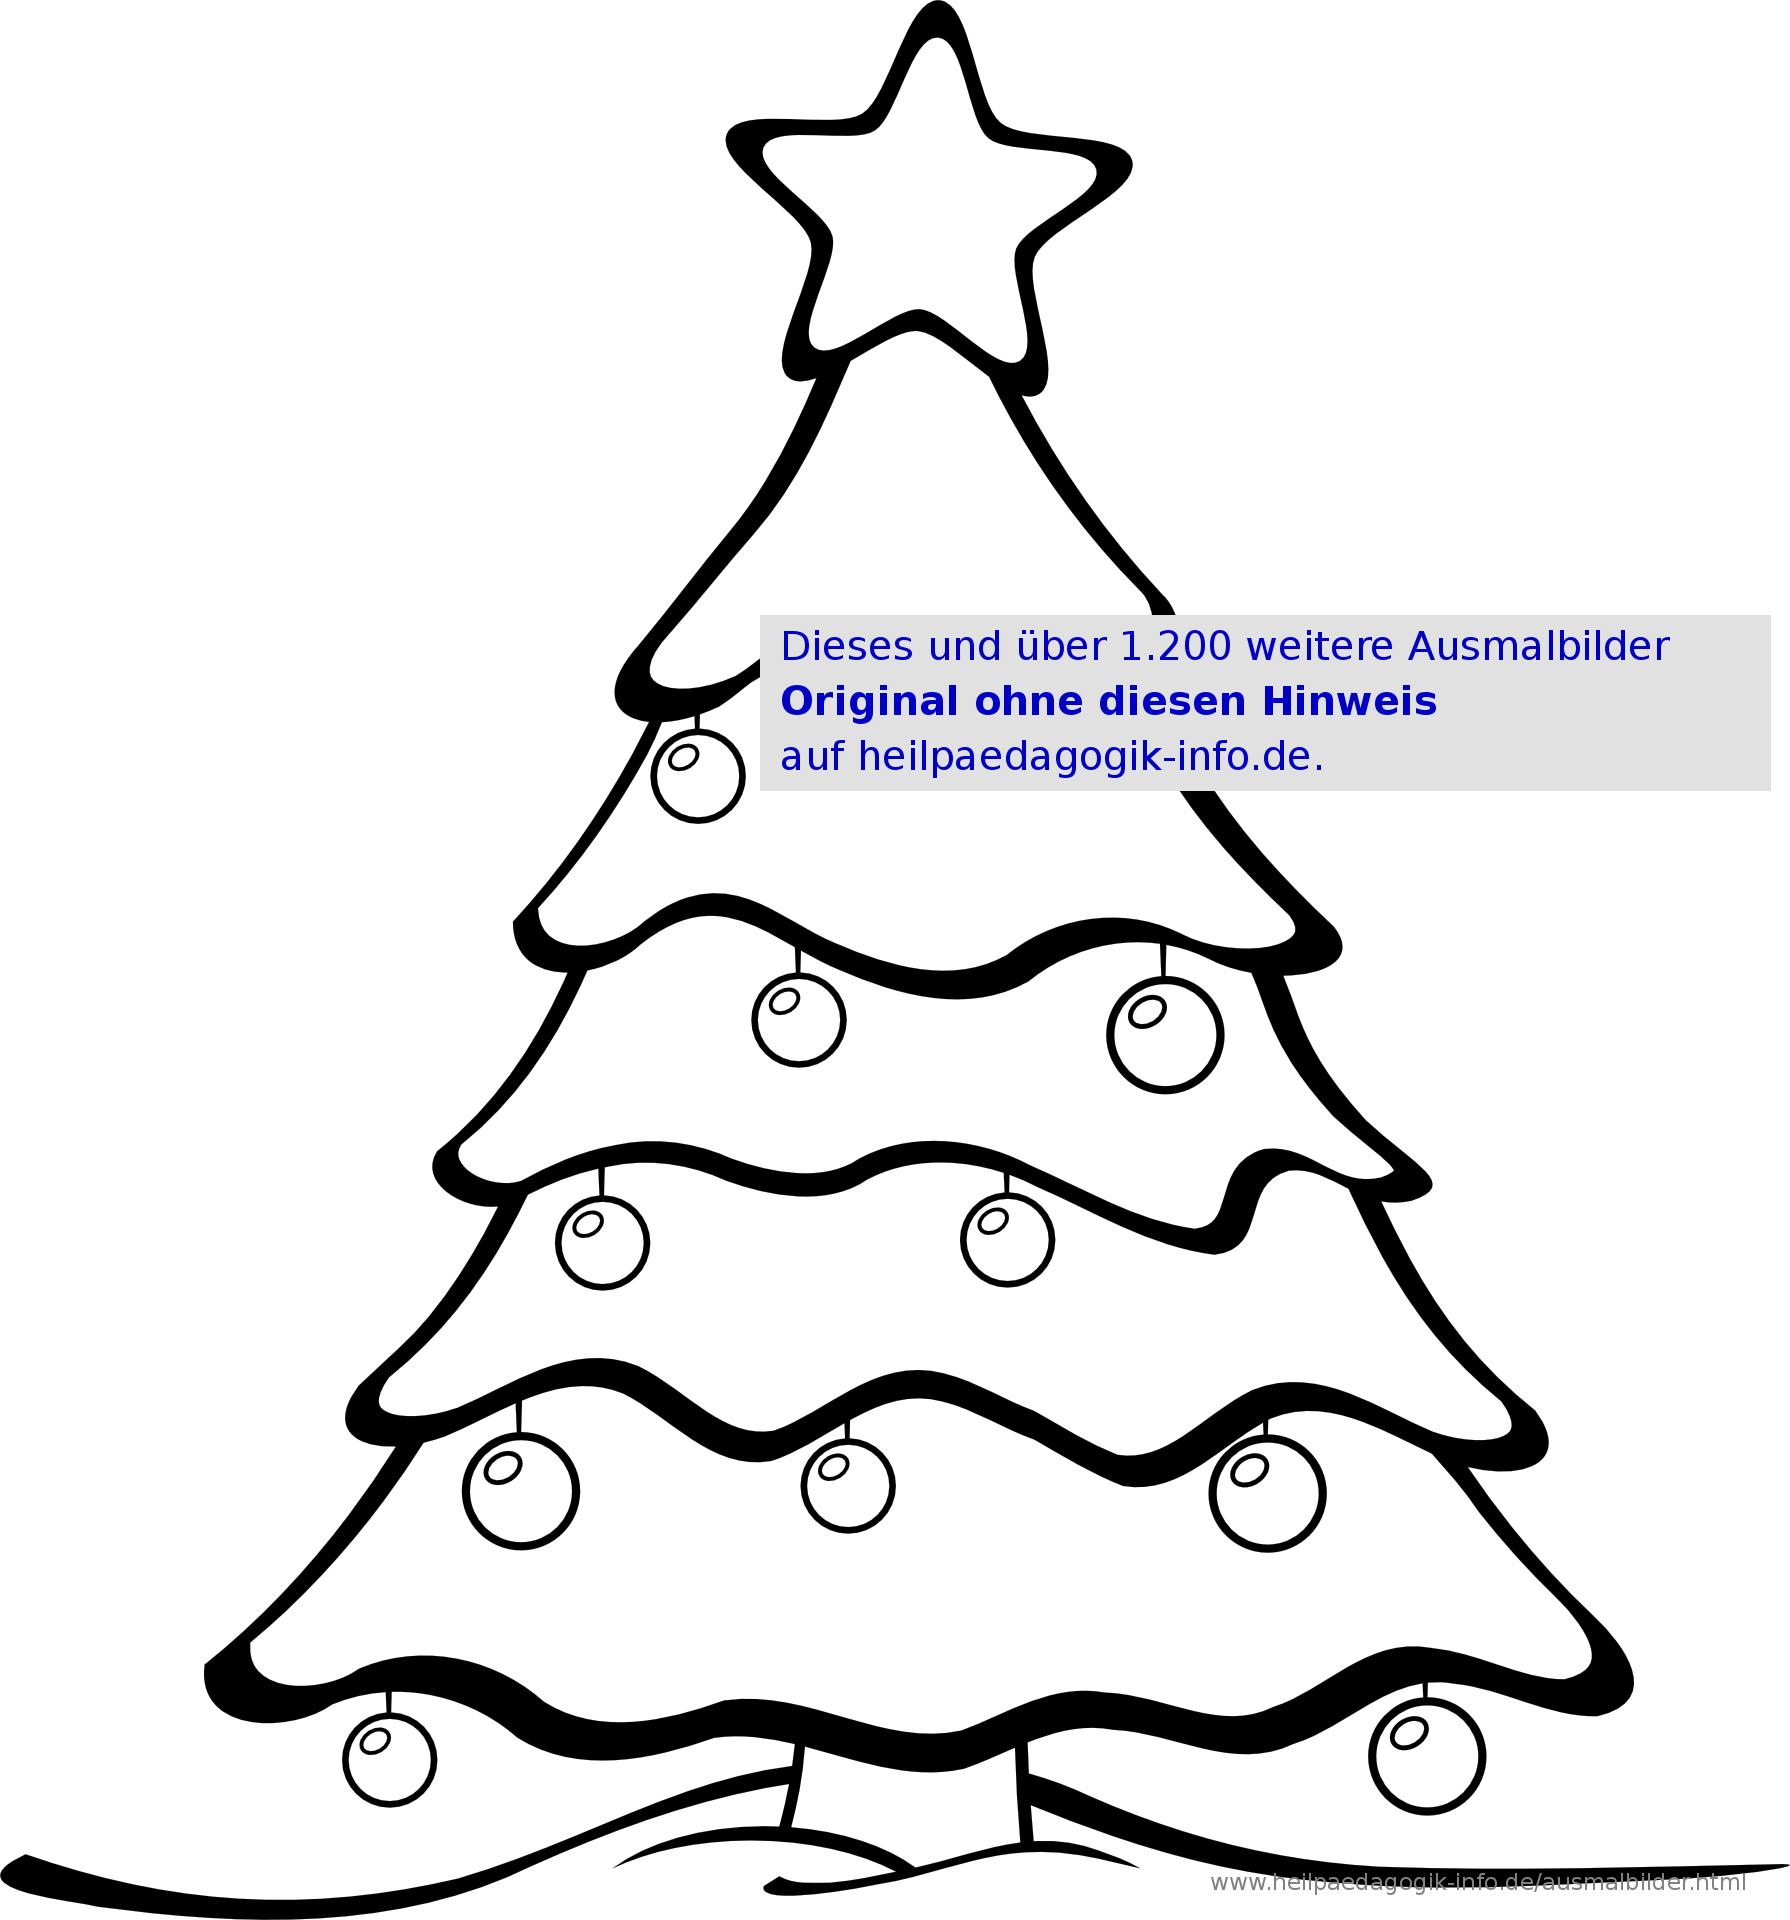 Ausmalbilder Weihnachten mit Tannenbaum Zum Ausmalen